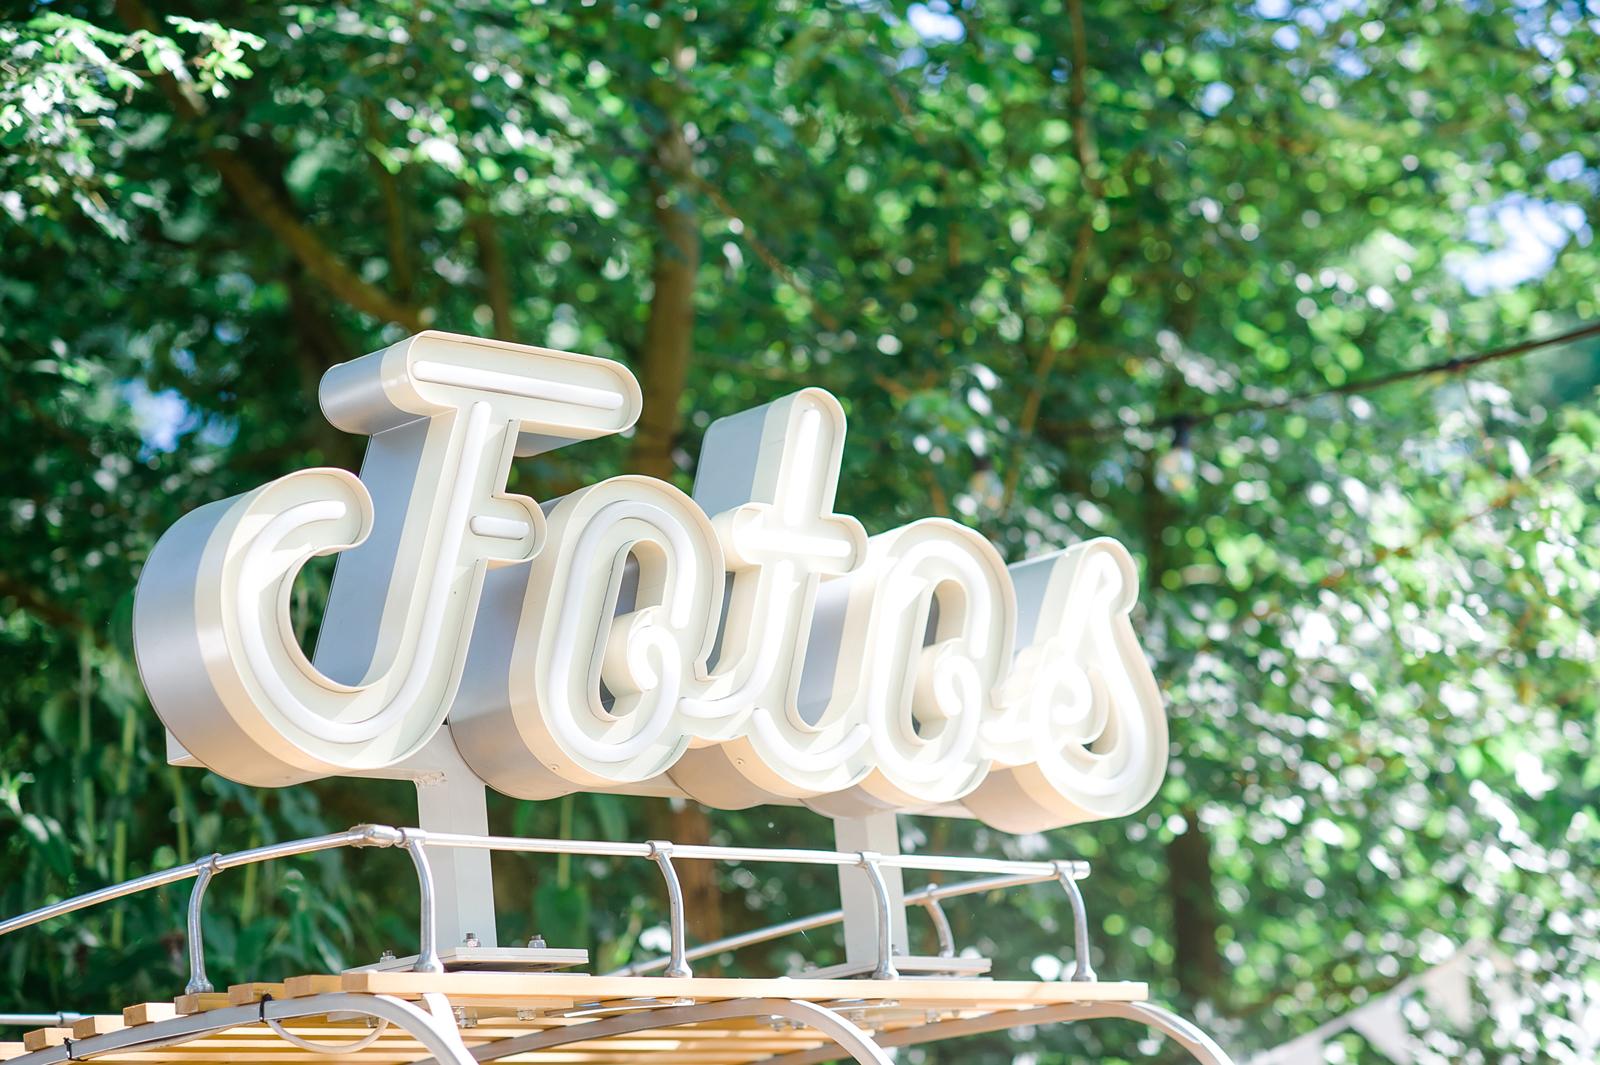 AdobeBridgeBatchRenameTemp4Britta Schunck Photography_bohowedding_gardenwedding_kirschof.jpg